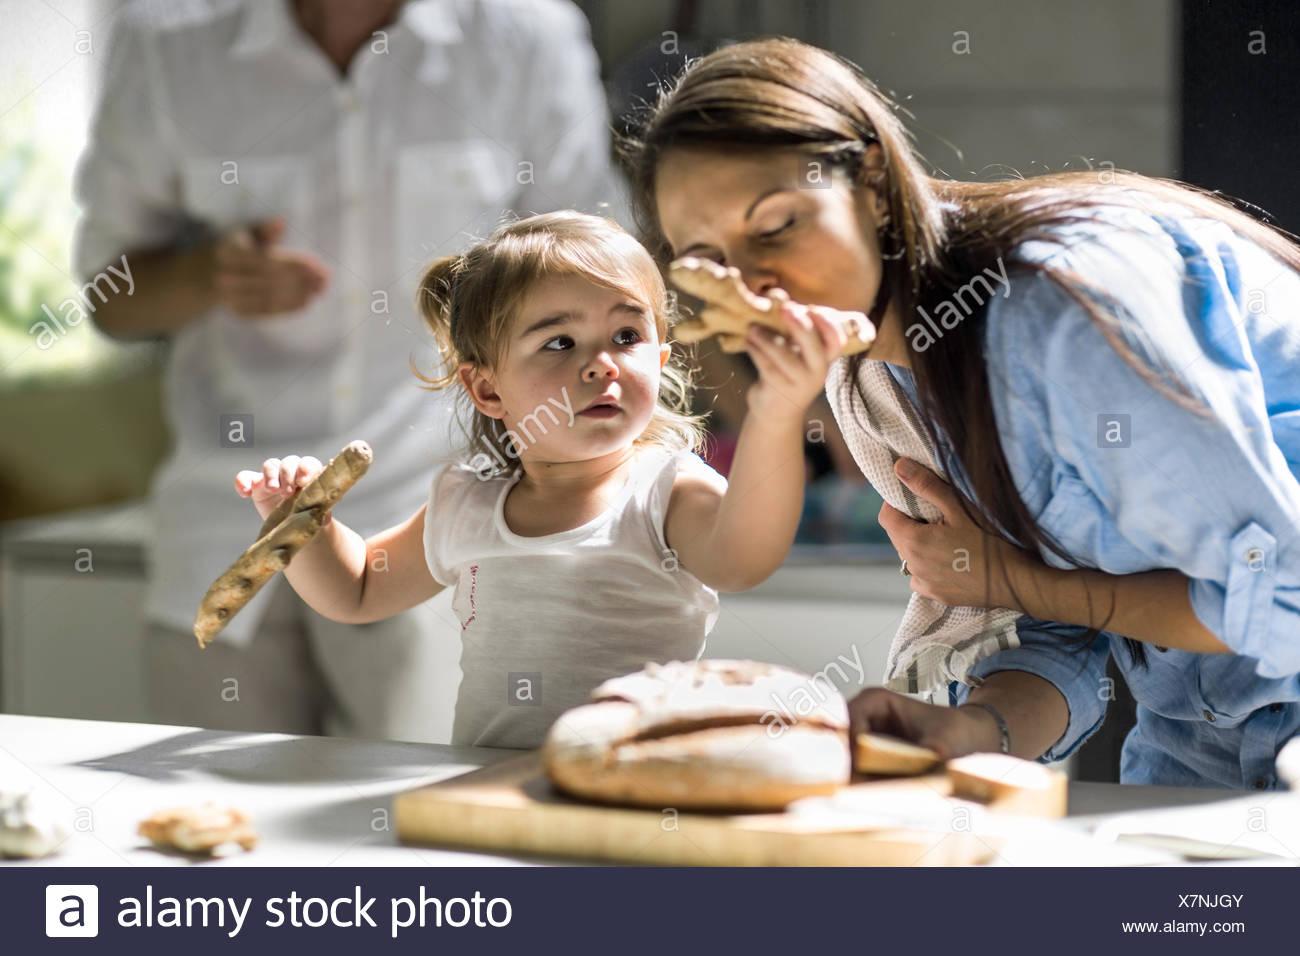 Mari et femme avec bébé fille Photo Stock